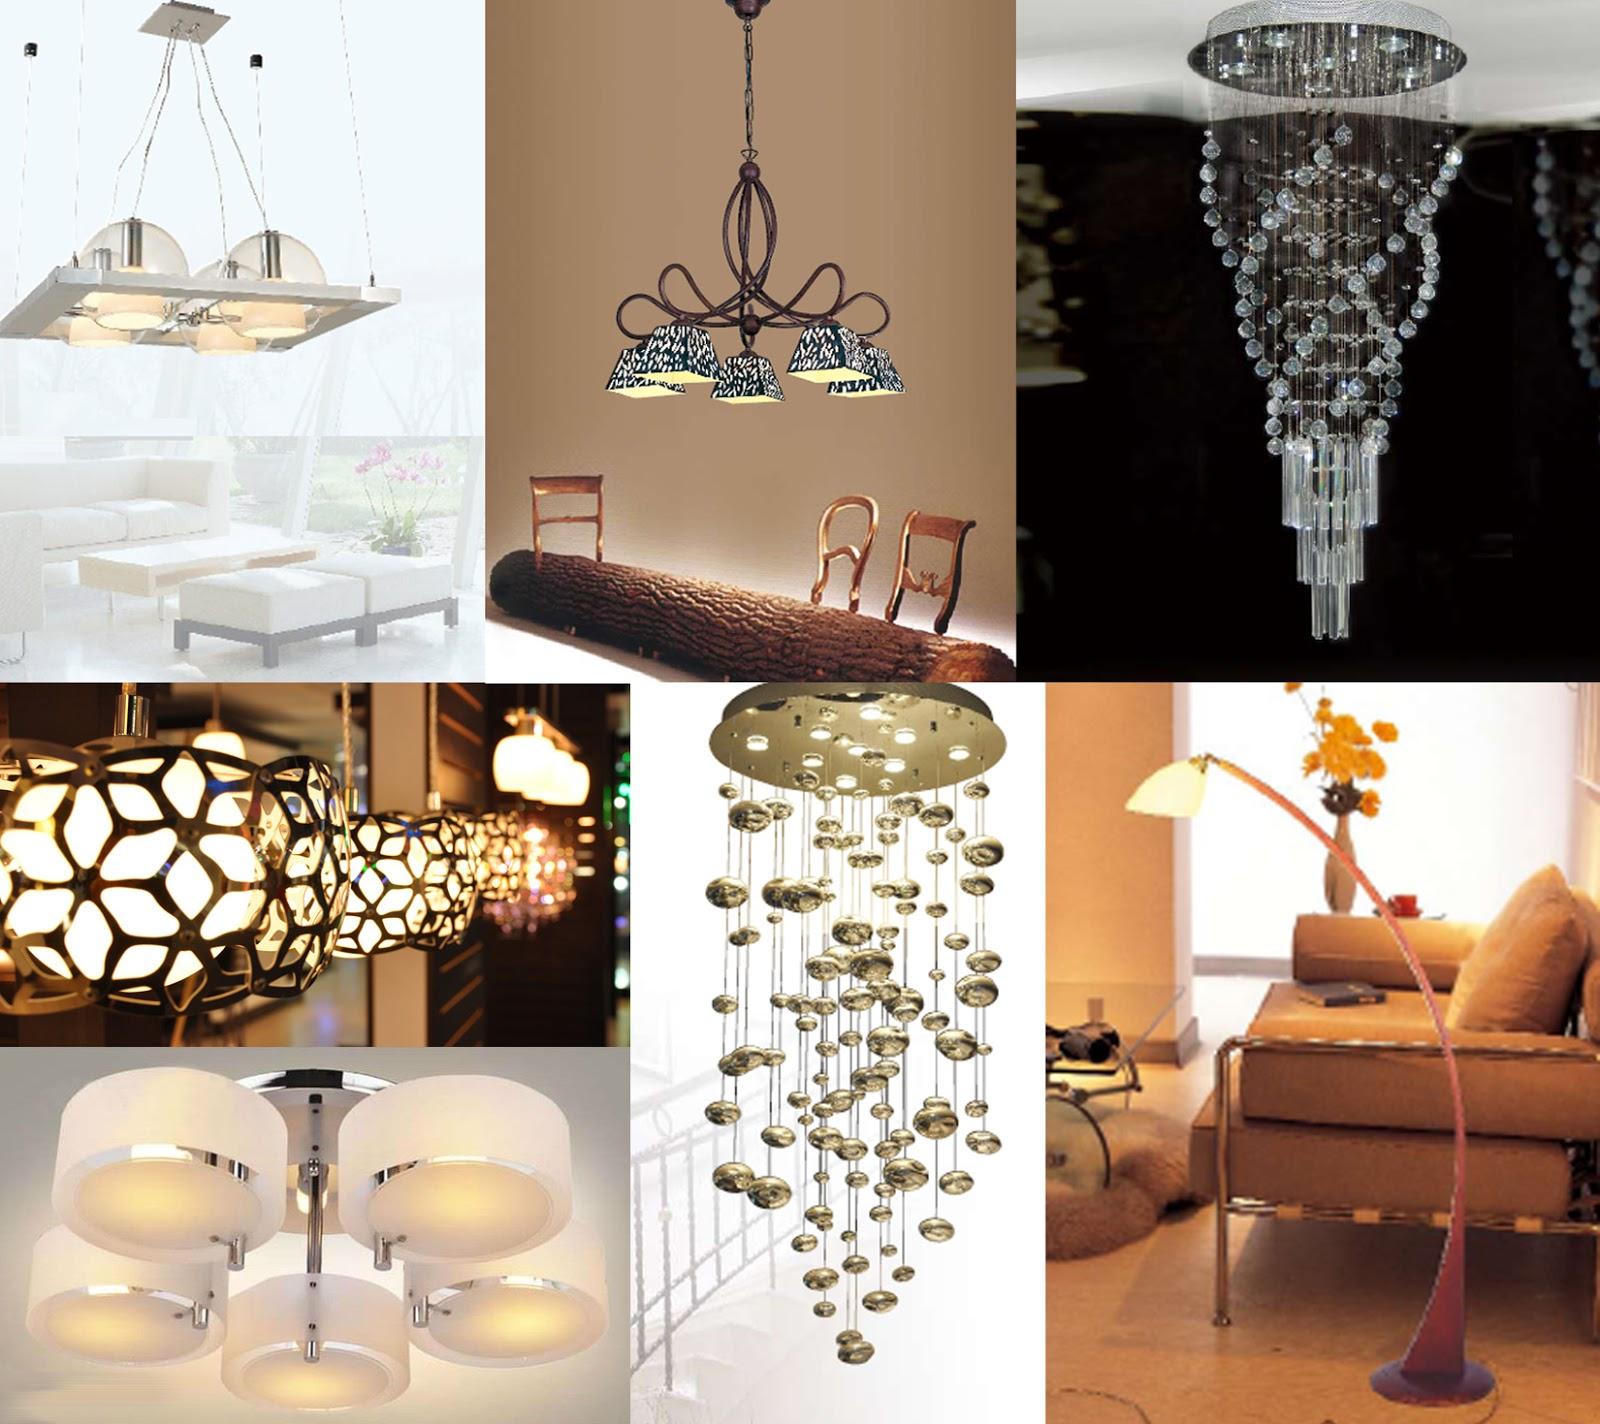 Iluminaci n l mparas y decoraci n del hogar dise o y for Iluminacion departamentos pequenos